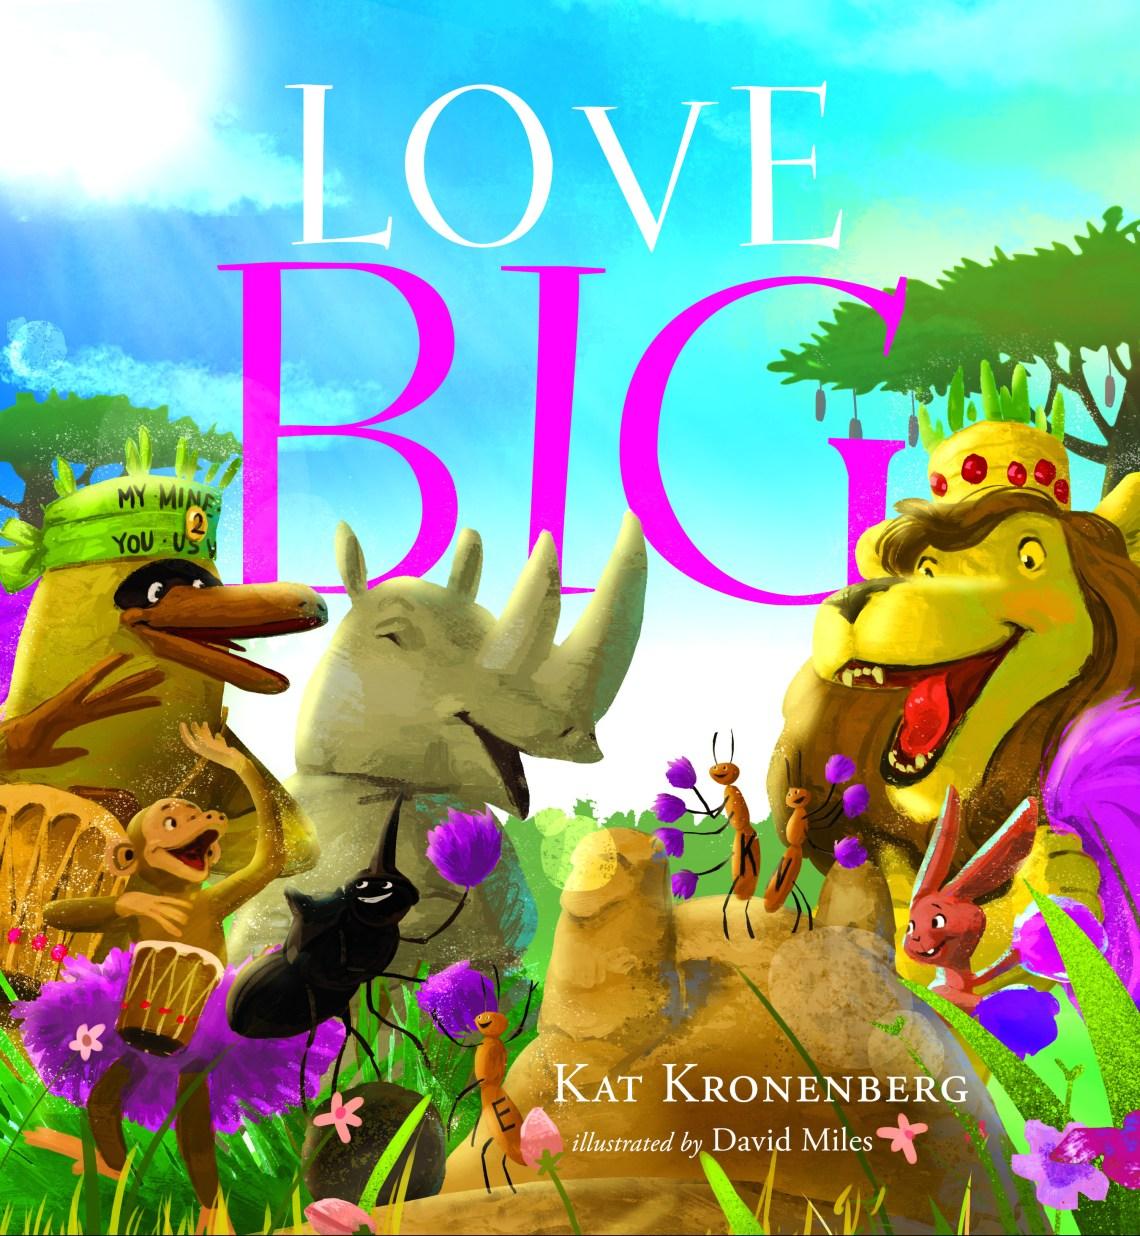 Love Big by Kat Kronenburg